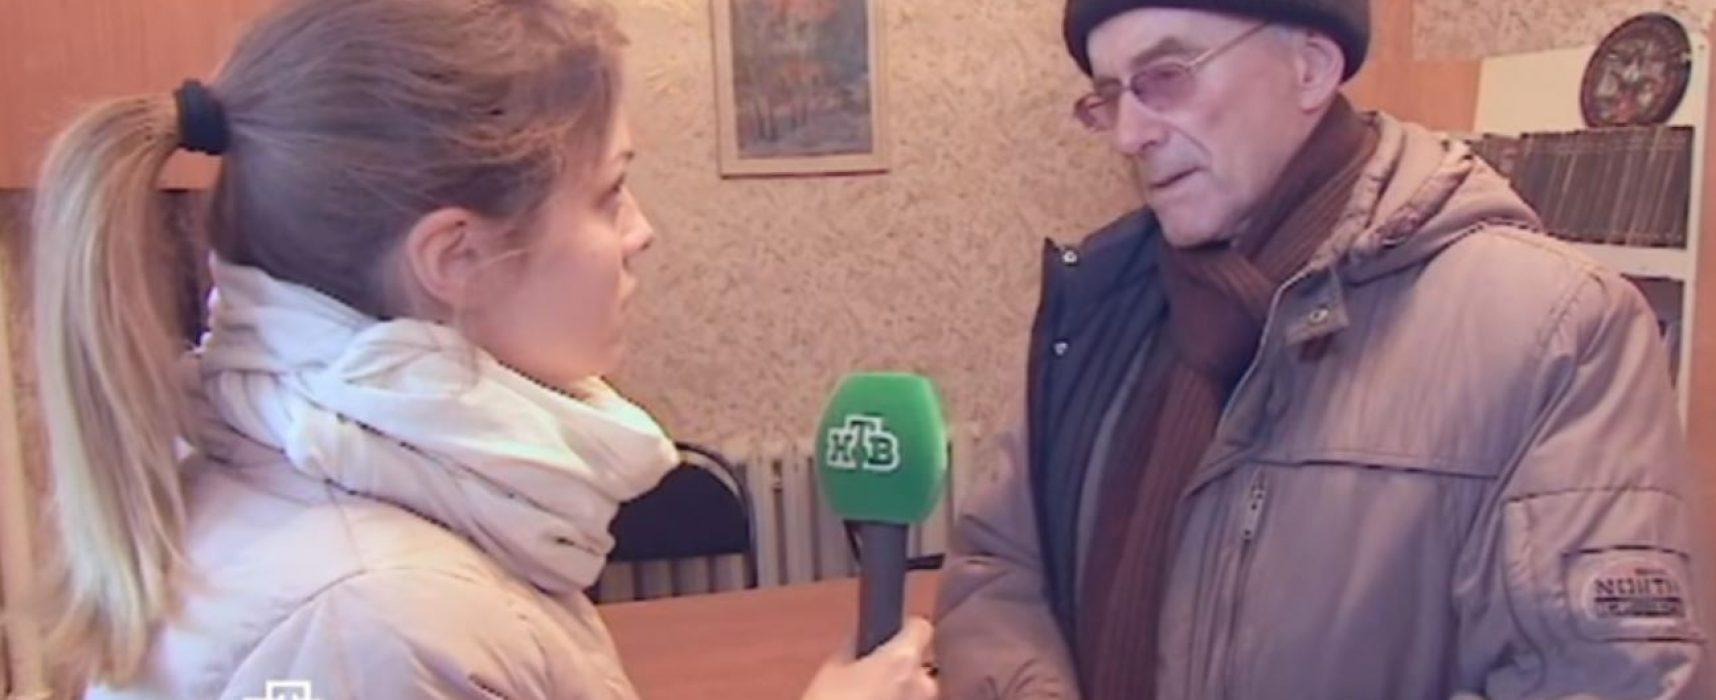 Нападки российских телеканалов на правозащитников и западных дипломатов